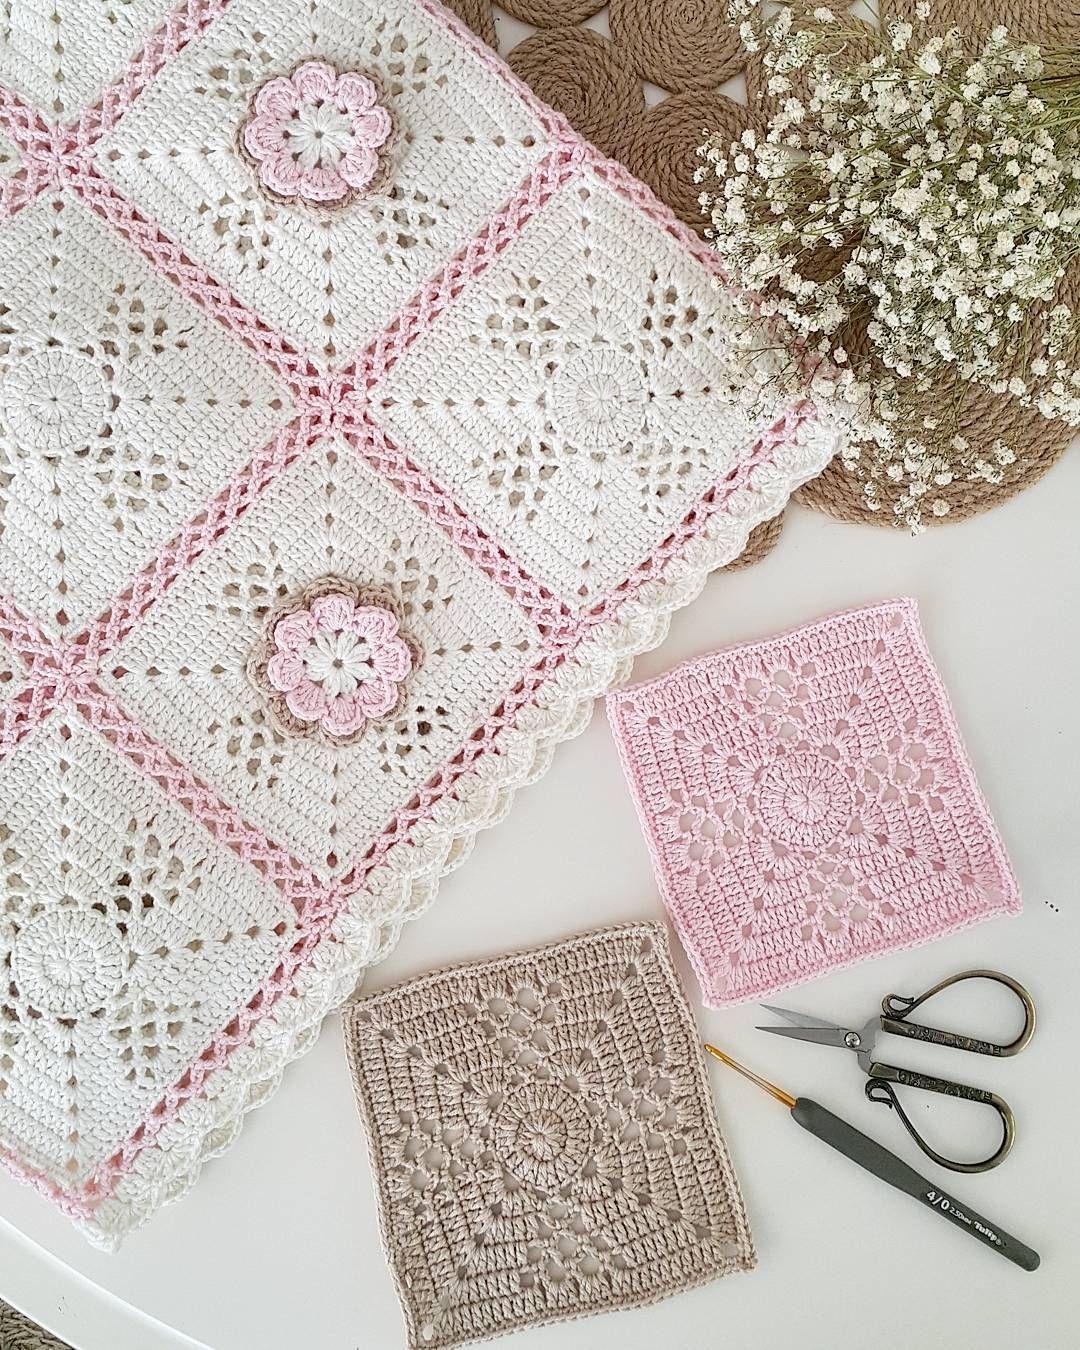 Bazi Renkler Pek Naif Pek Romantik Hele Kimilerinin Biraraya Geldiklerinde Yaydiklari Huzur Ve Rom Crochet Vest Pattern Easy Crochet Blanket Crochet Patterns